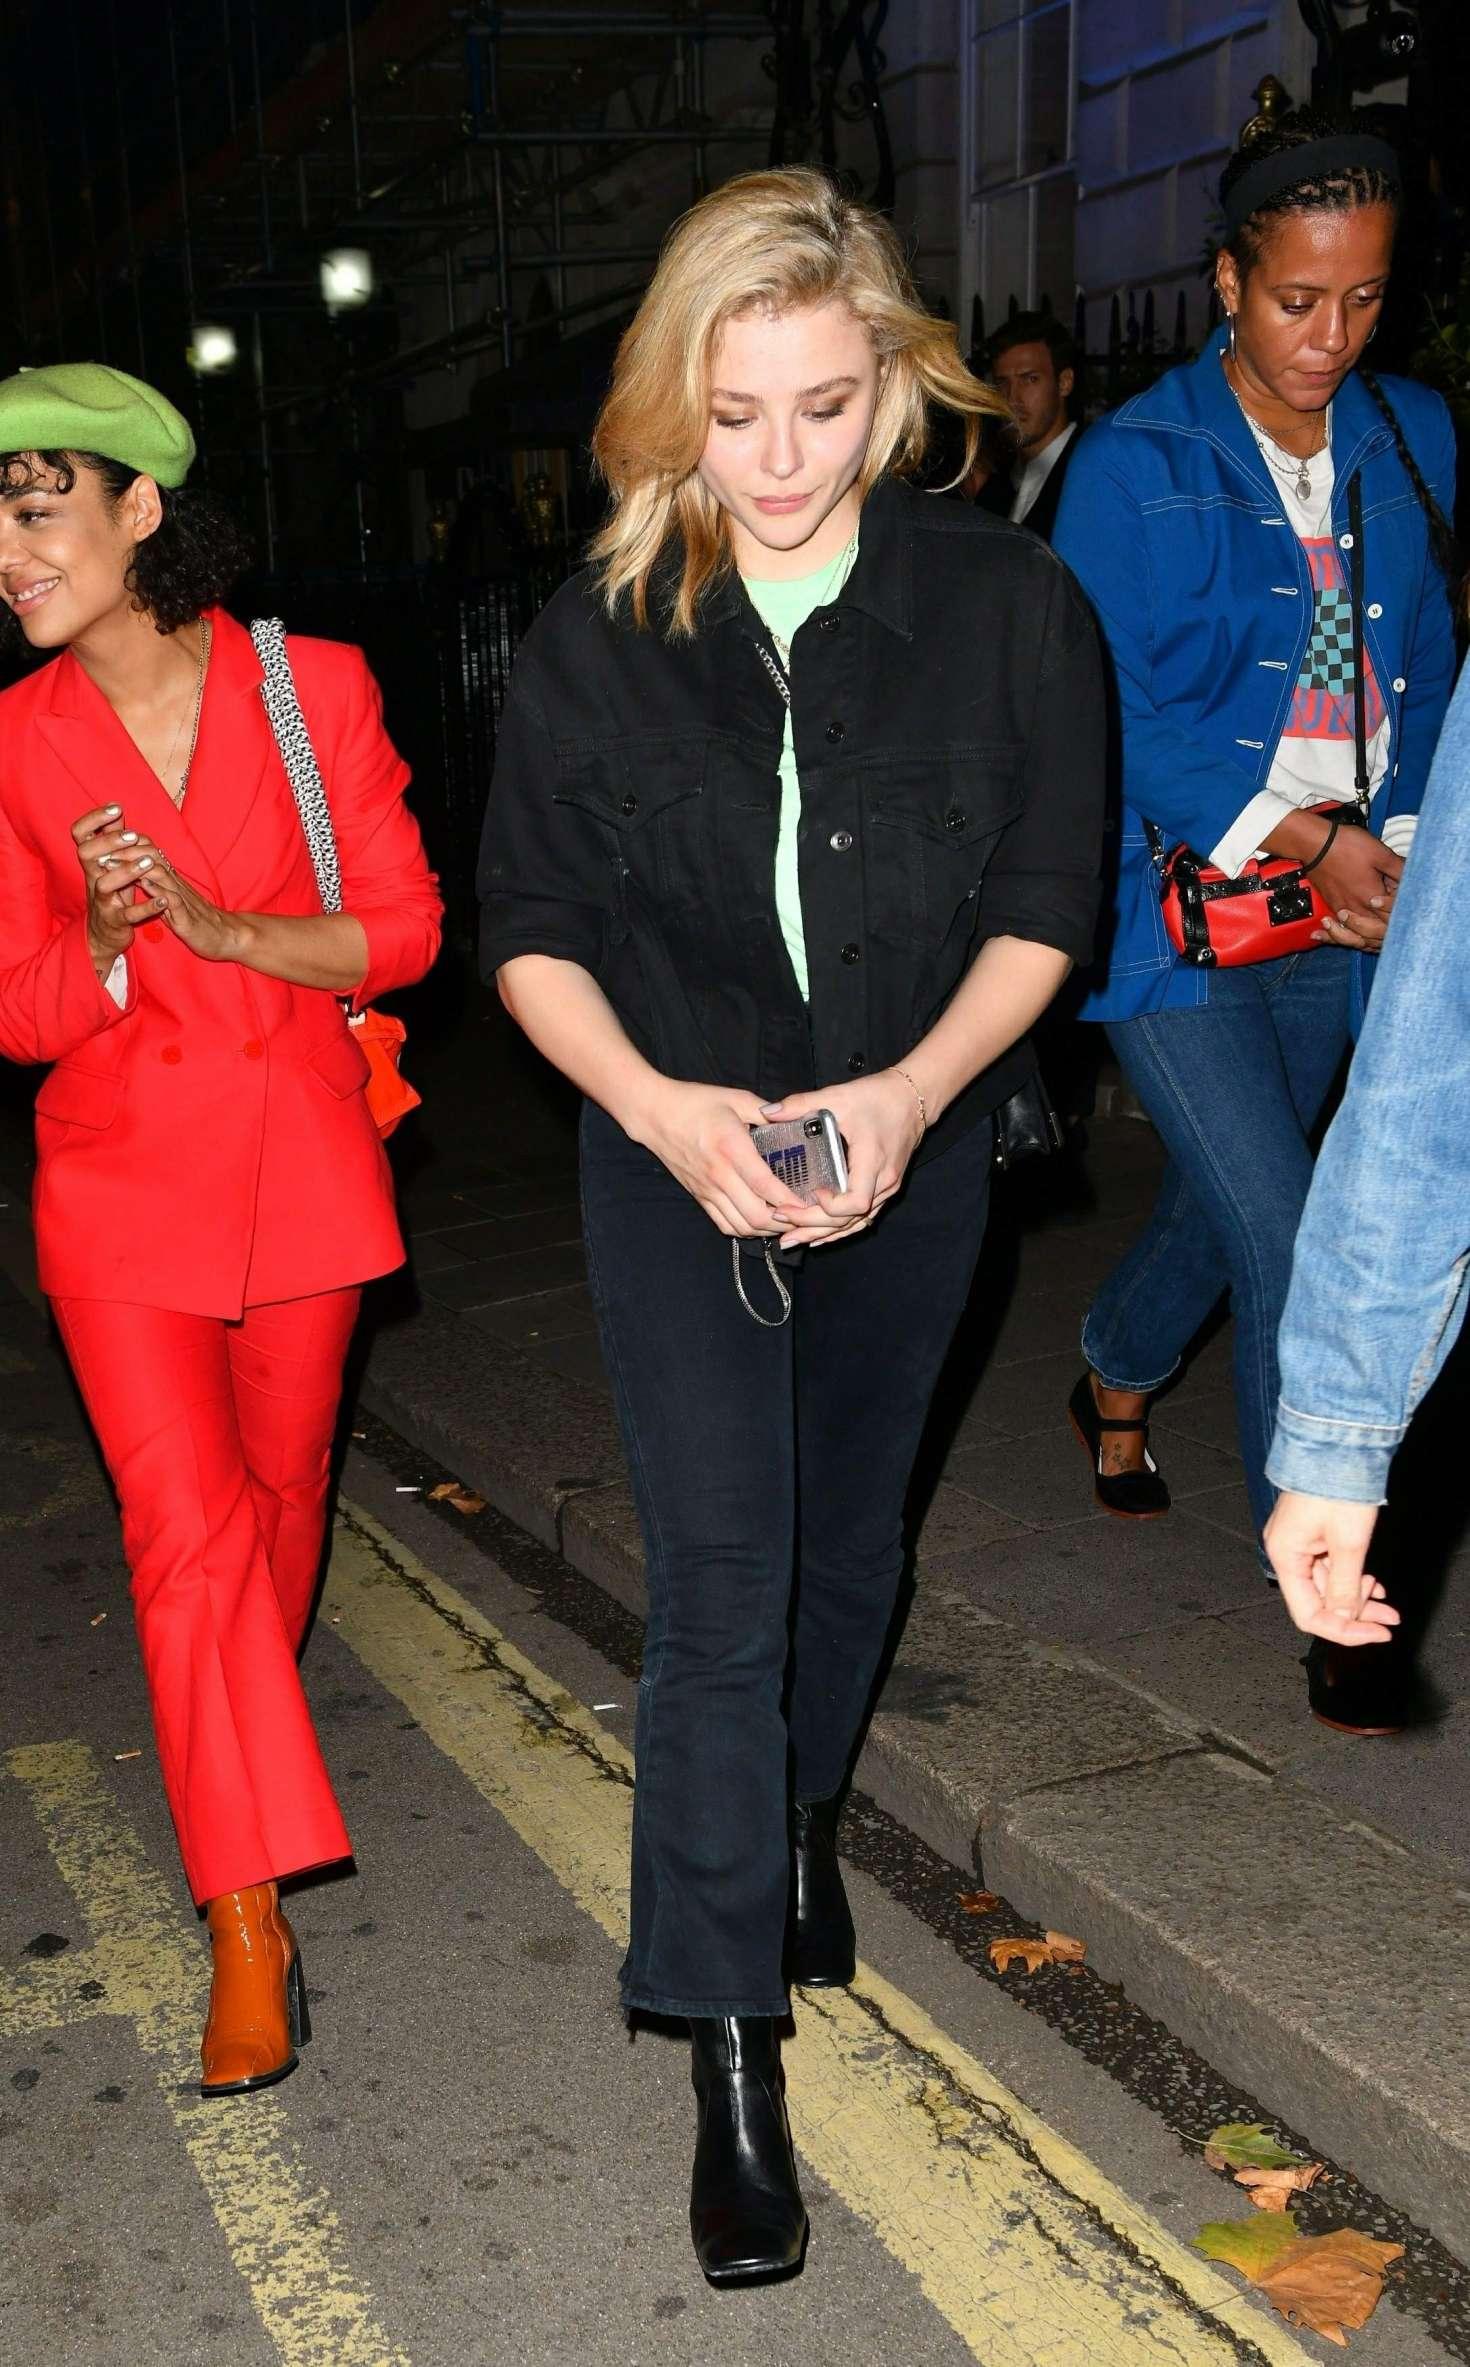 Chloe Moretz 2018 : Chloe Moretz: Leaving Annabels in London -02